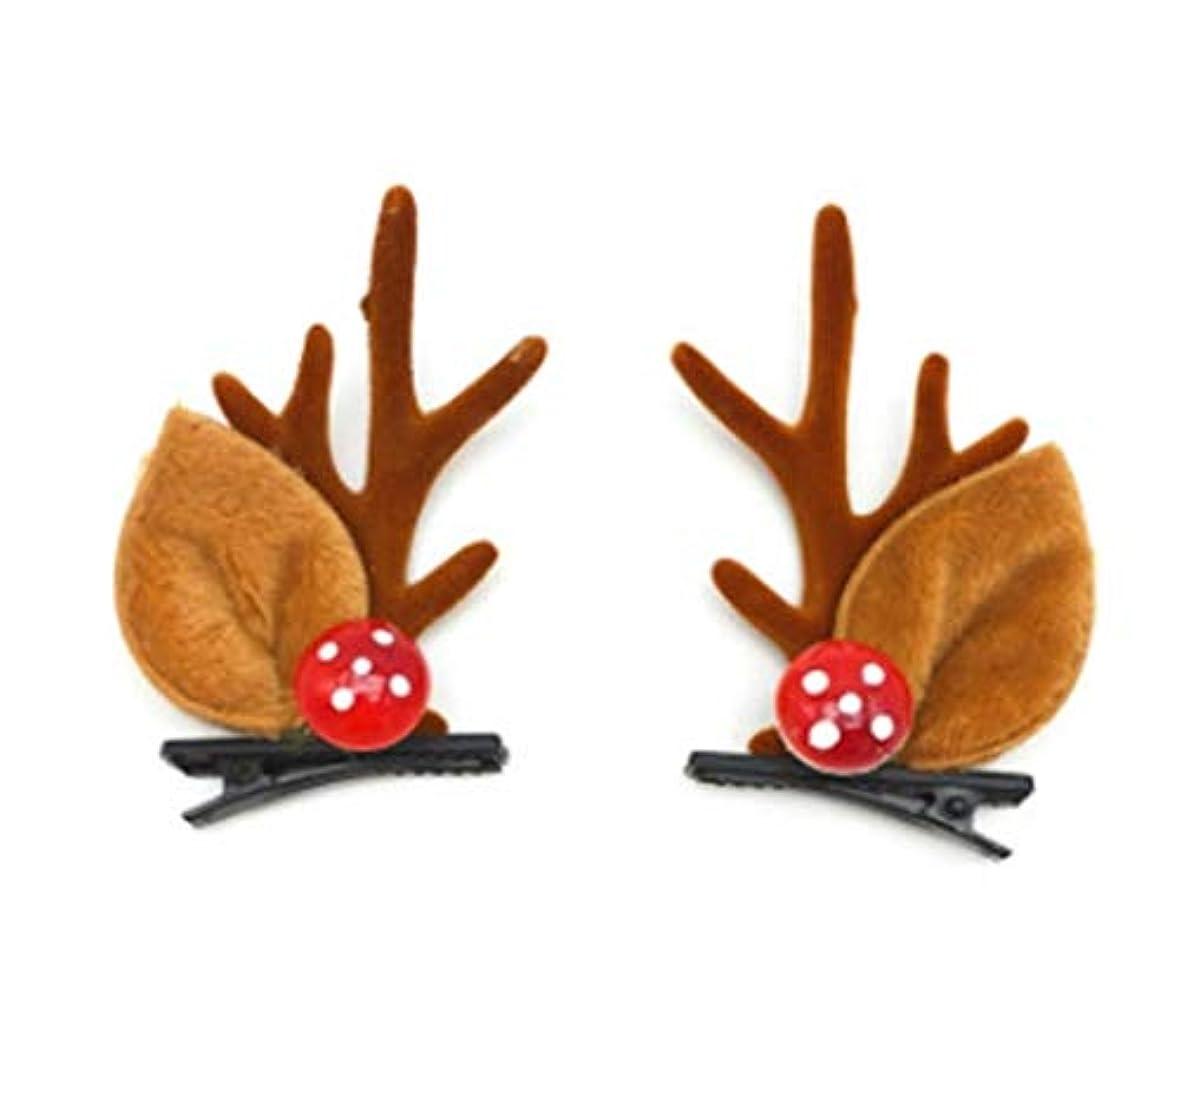 ガイダンス対話束クリスマス枝角ヘッドジュエリーのヘアピン女性セン女性のヘアアクセサリーは、小さなヘラジカヘッドバンド女性茸の耳白い毛玉ヘアピンヘッドバンド (Style : A)